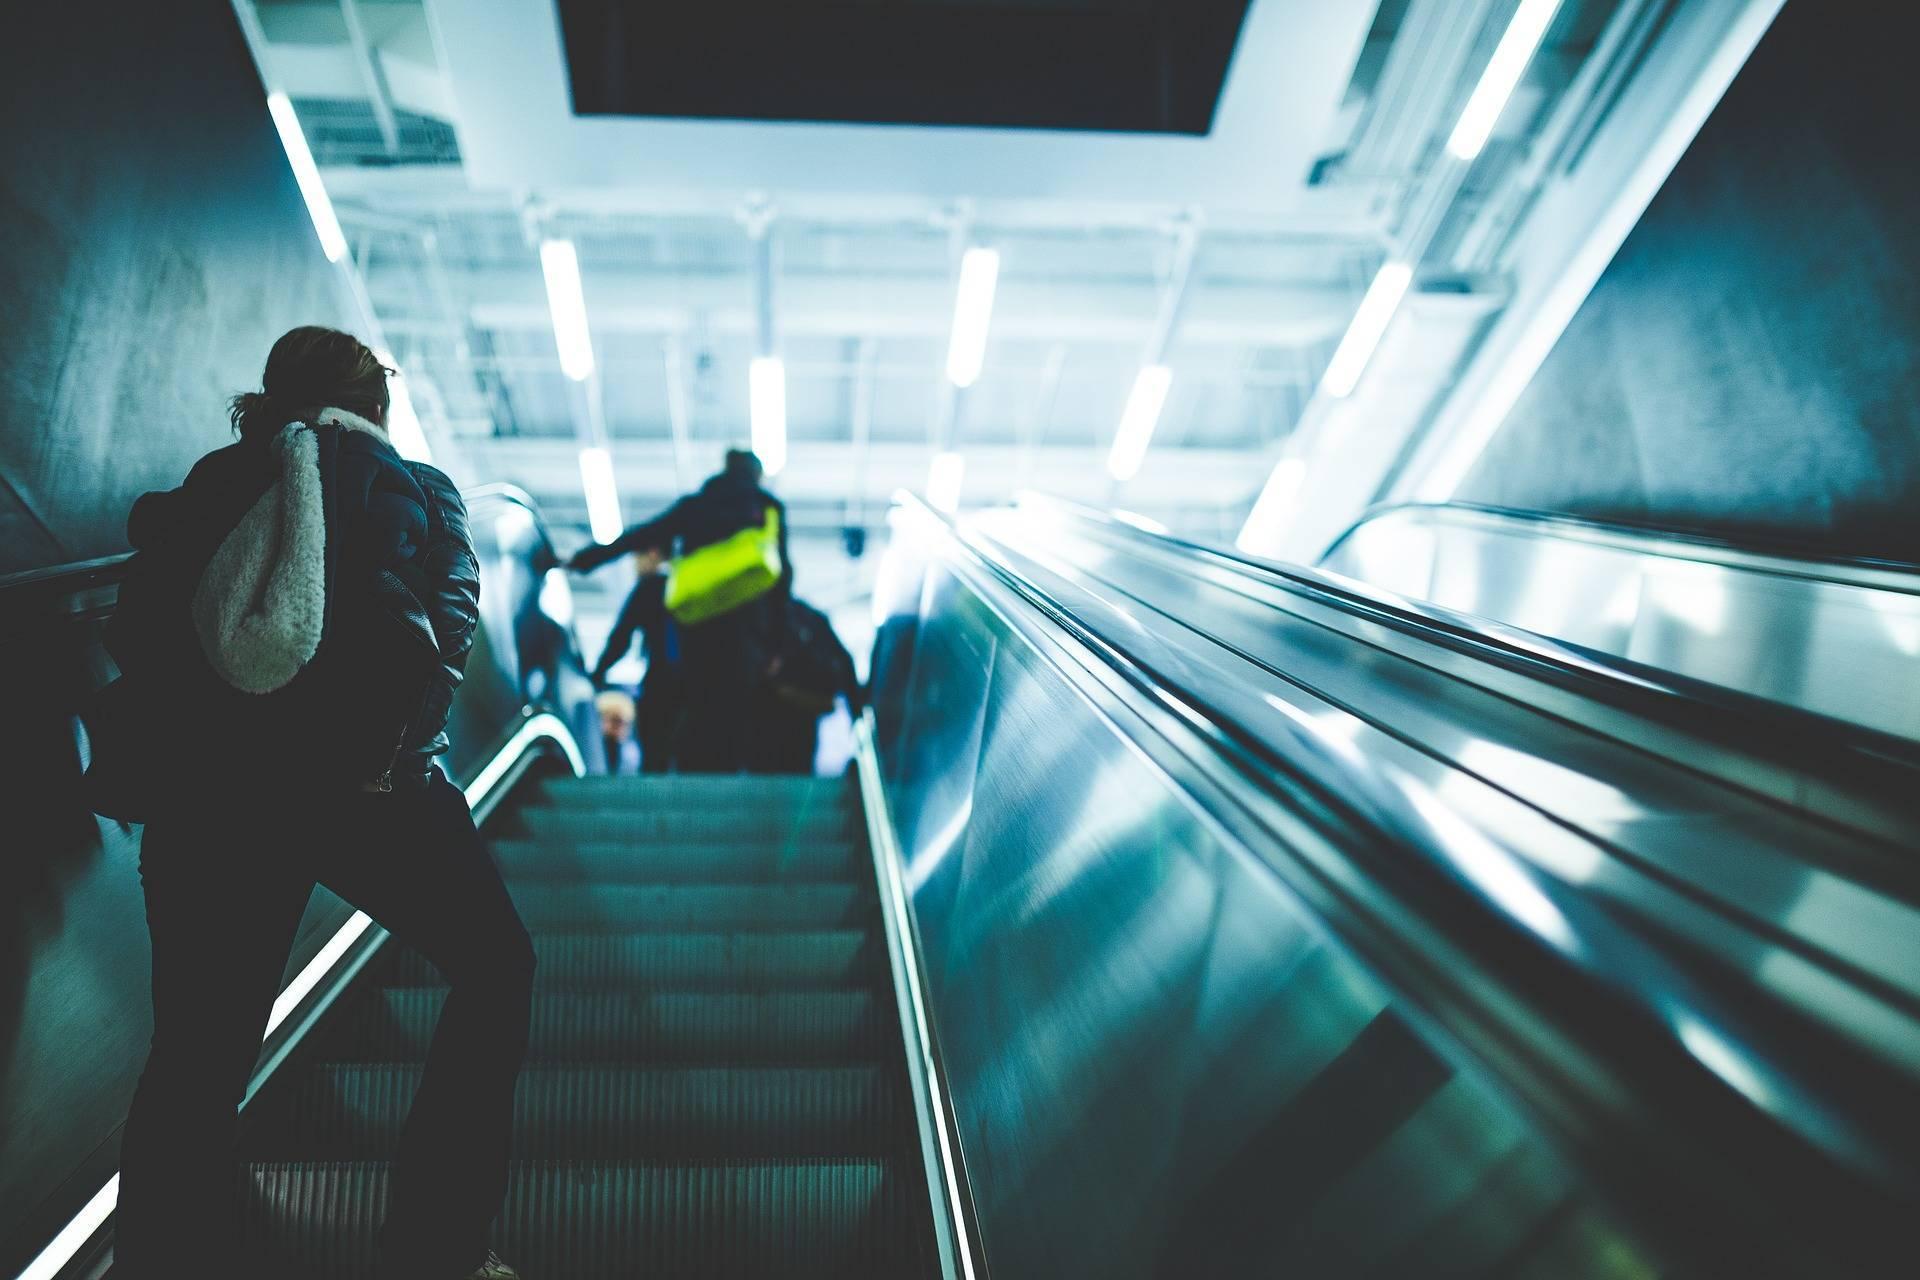 0eedfeb58583a16da22e_escalator.jpg